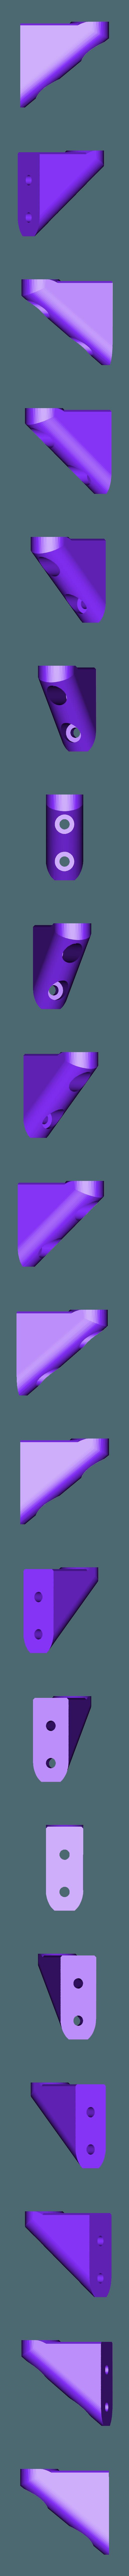 Mount1b.STL Télécharger fichier STL gratuit Projecteur GU5.3 • Design pour imprimante 3D, MrCrankyface